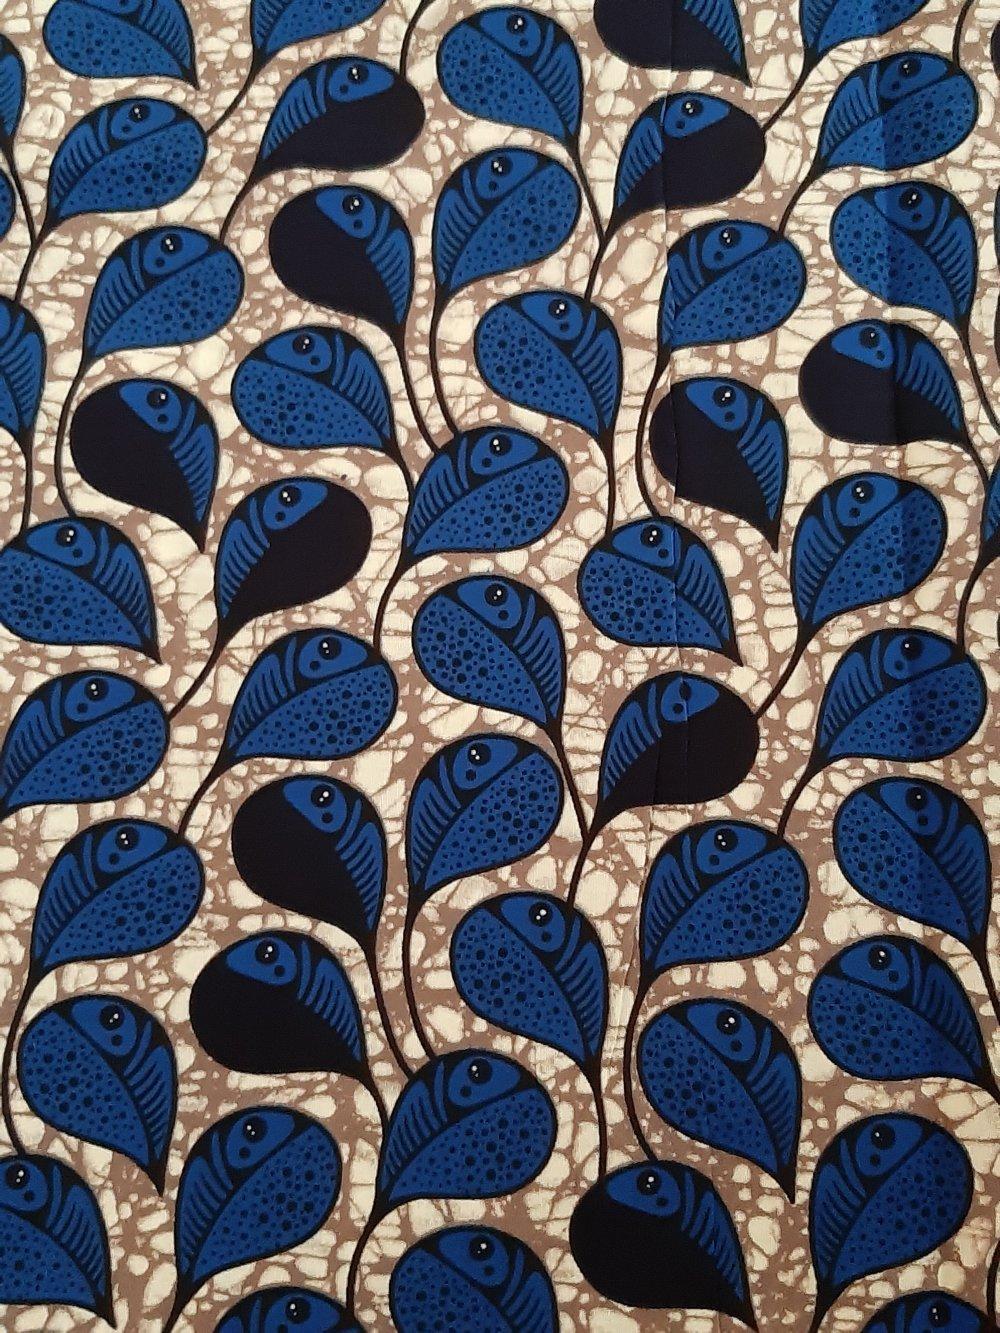 Tissu wax - par 50 centimètres - plumes / gouttes bleues sur fond gris - 100% coton - Tissu africain - pagne